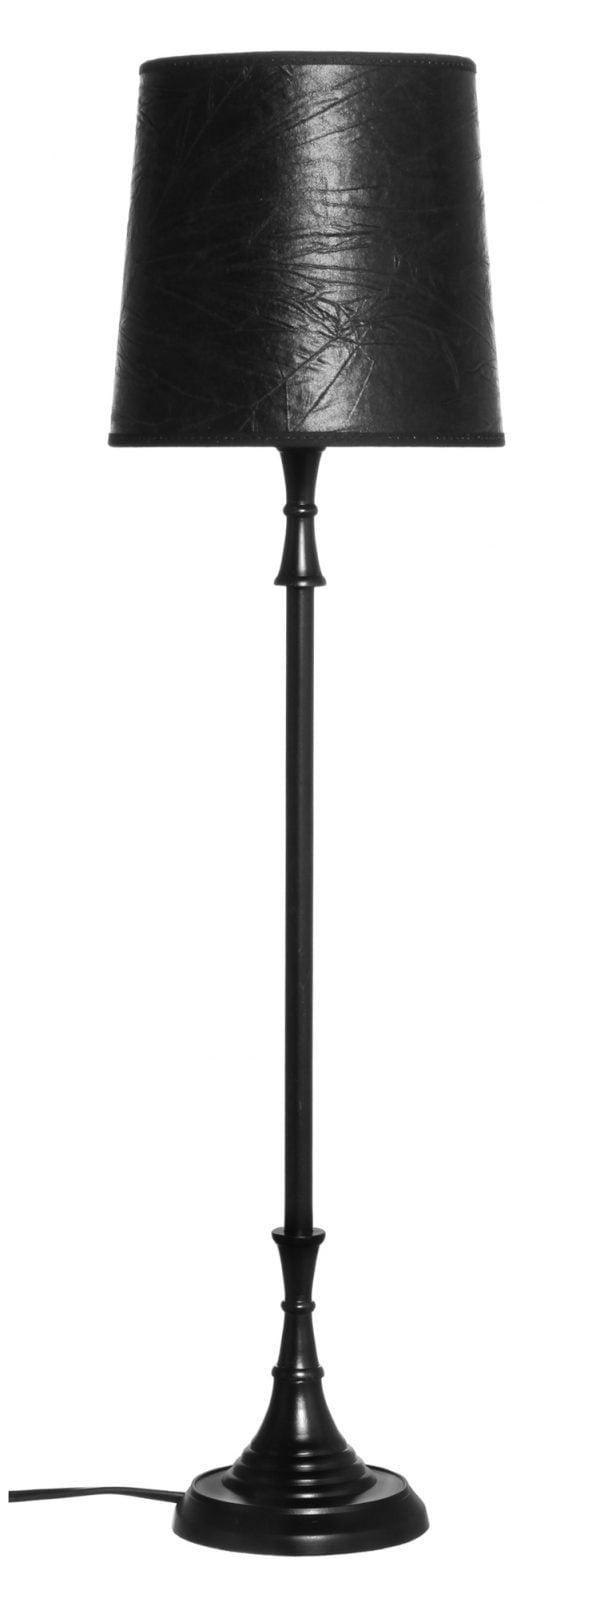 Metallinen lampunjalka jonka väri on musta. Myös varjostin on musta.